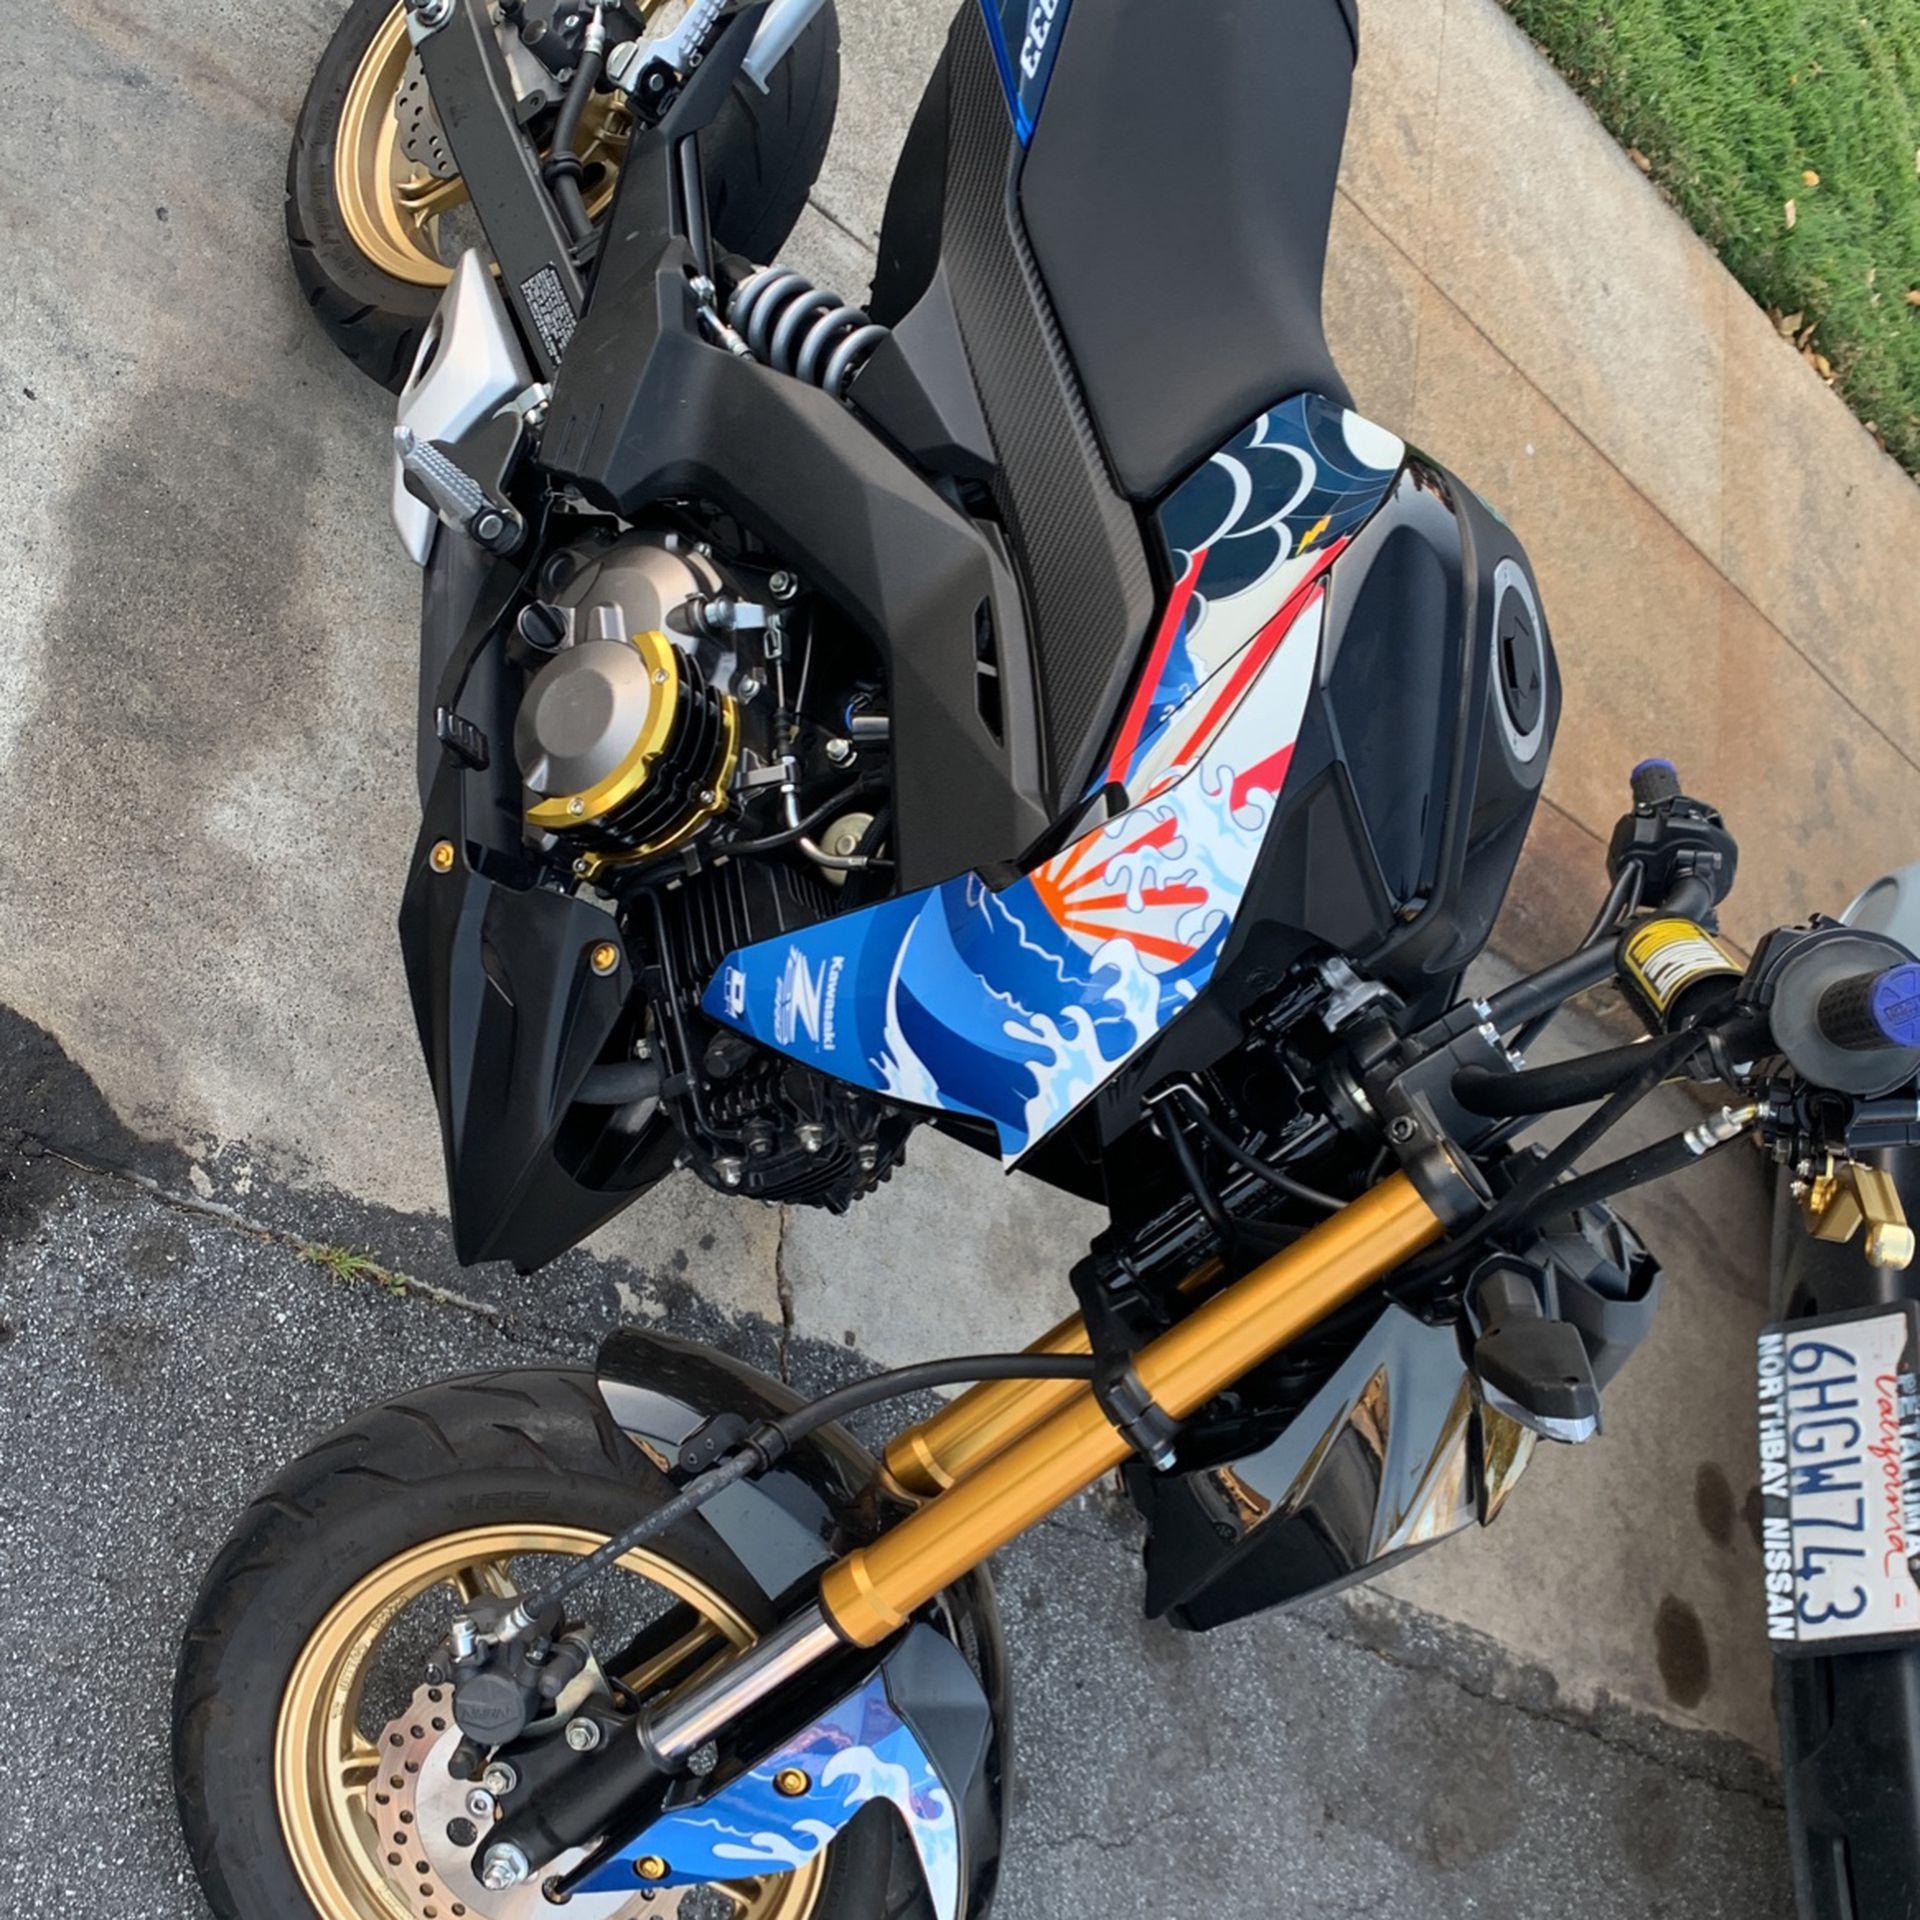 Kawasaki Z125 2018